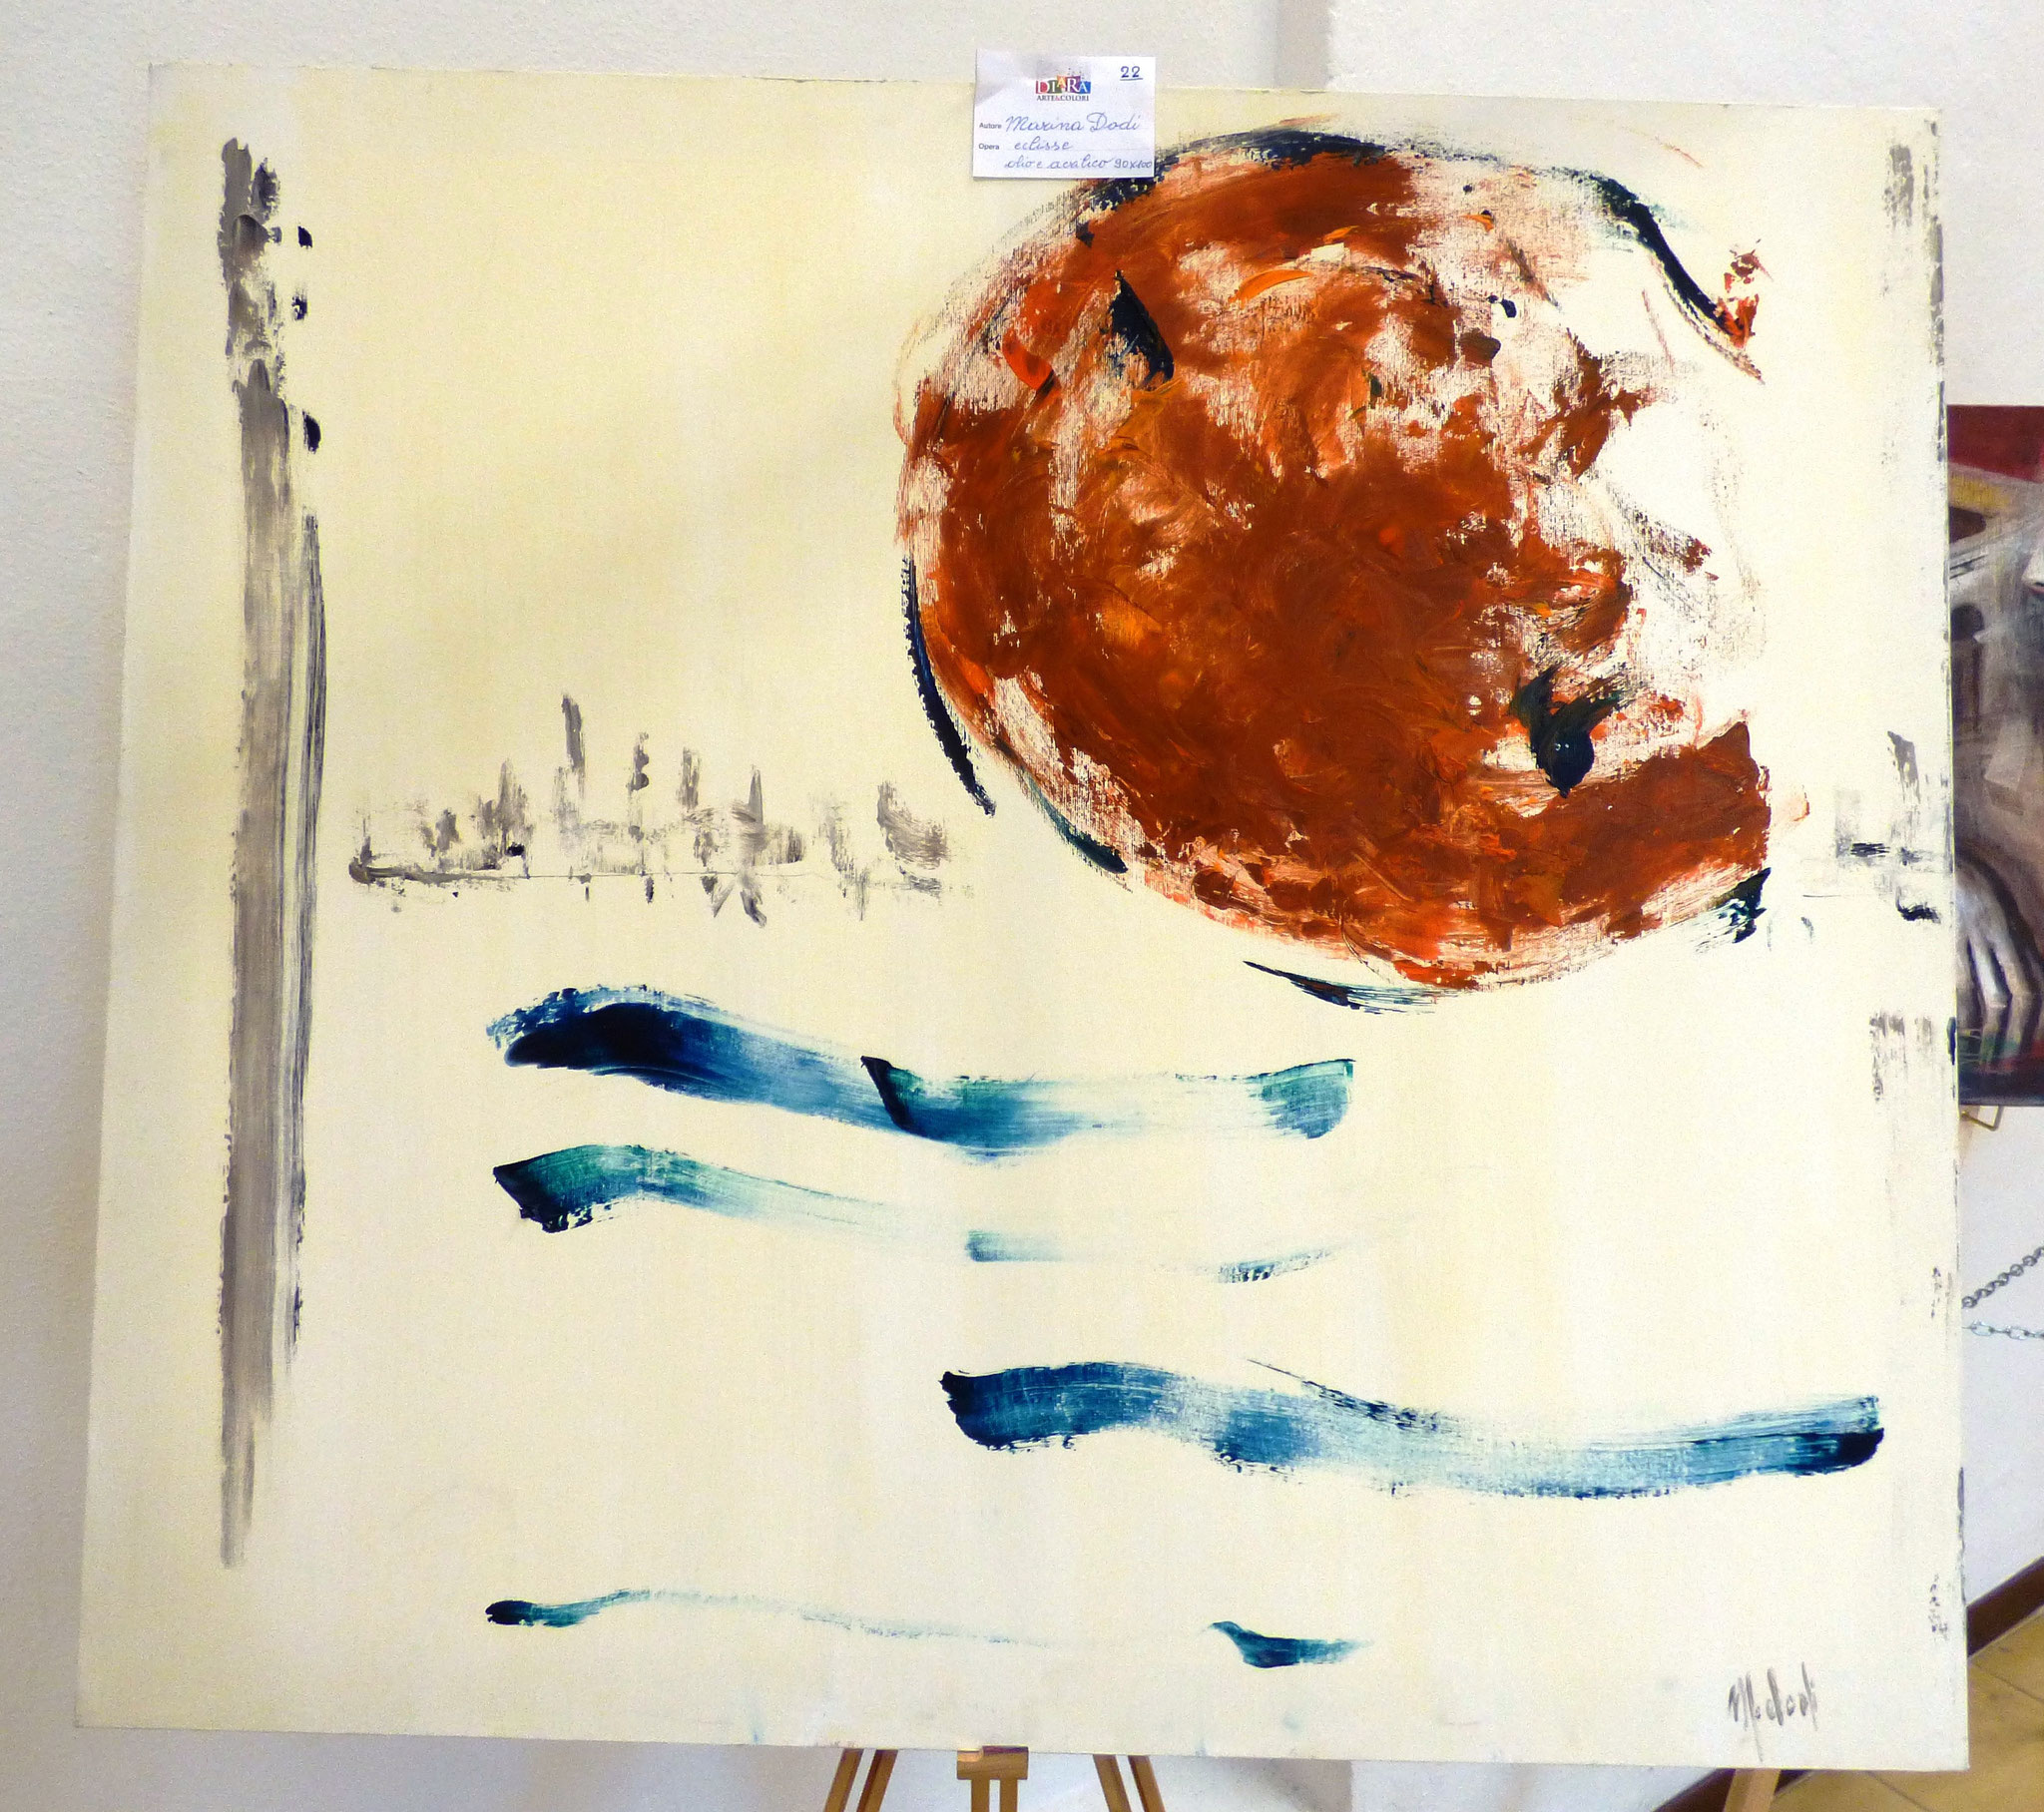 Marina Dodi eclisse olio e acrilico 90x100